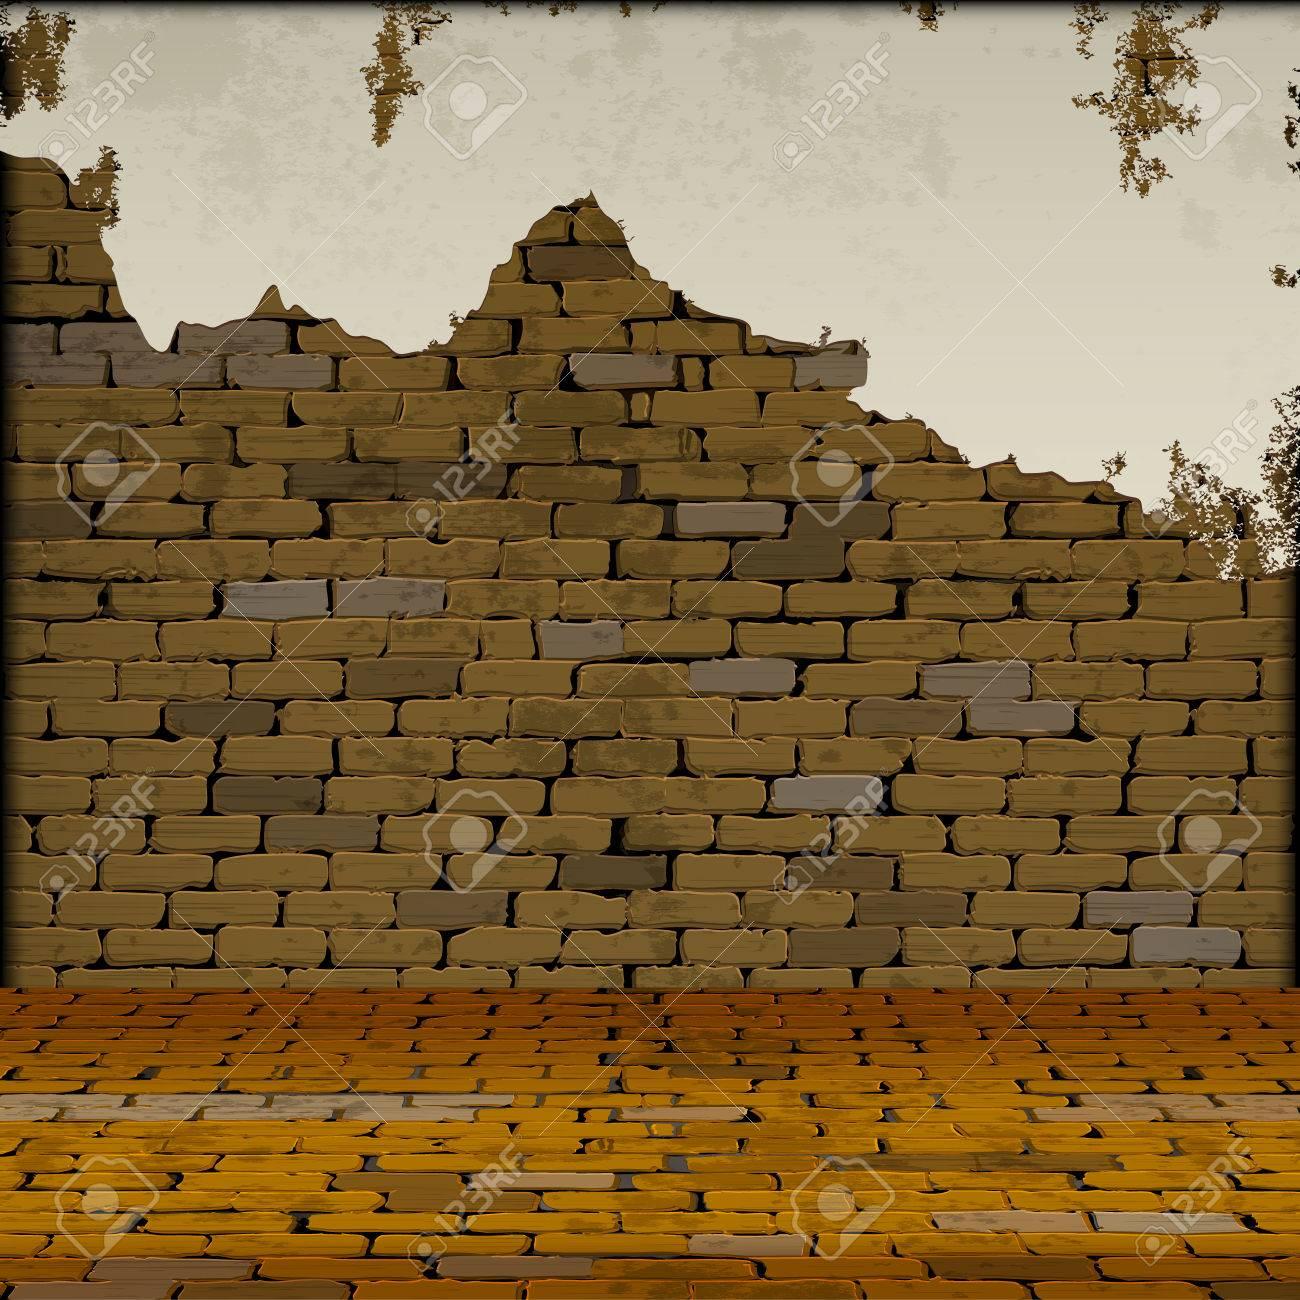 Freie Hintergrund Mauer Mit Dem Boden In Die Zukunft. Sie Können ...